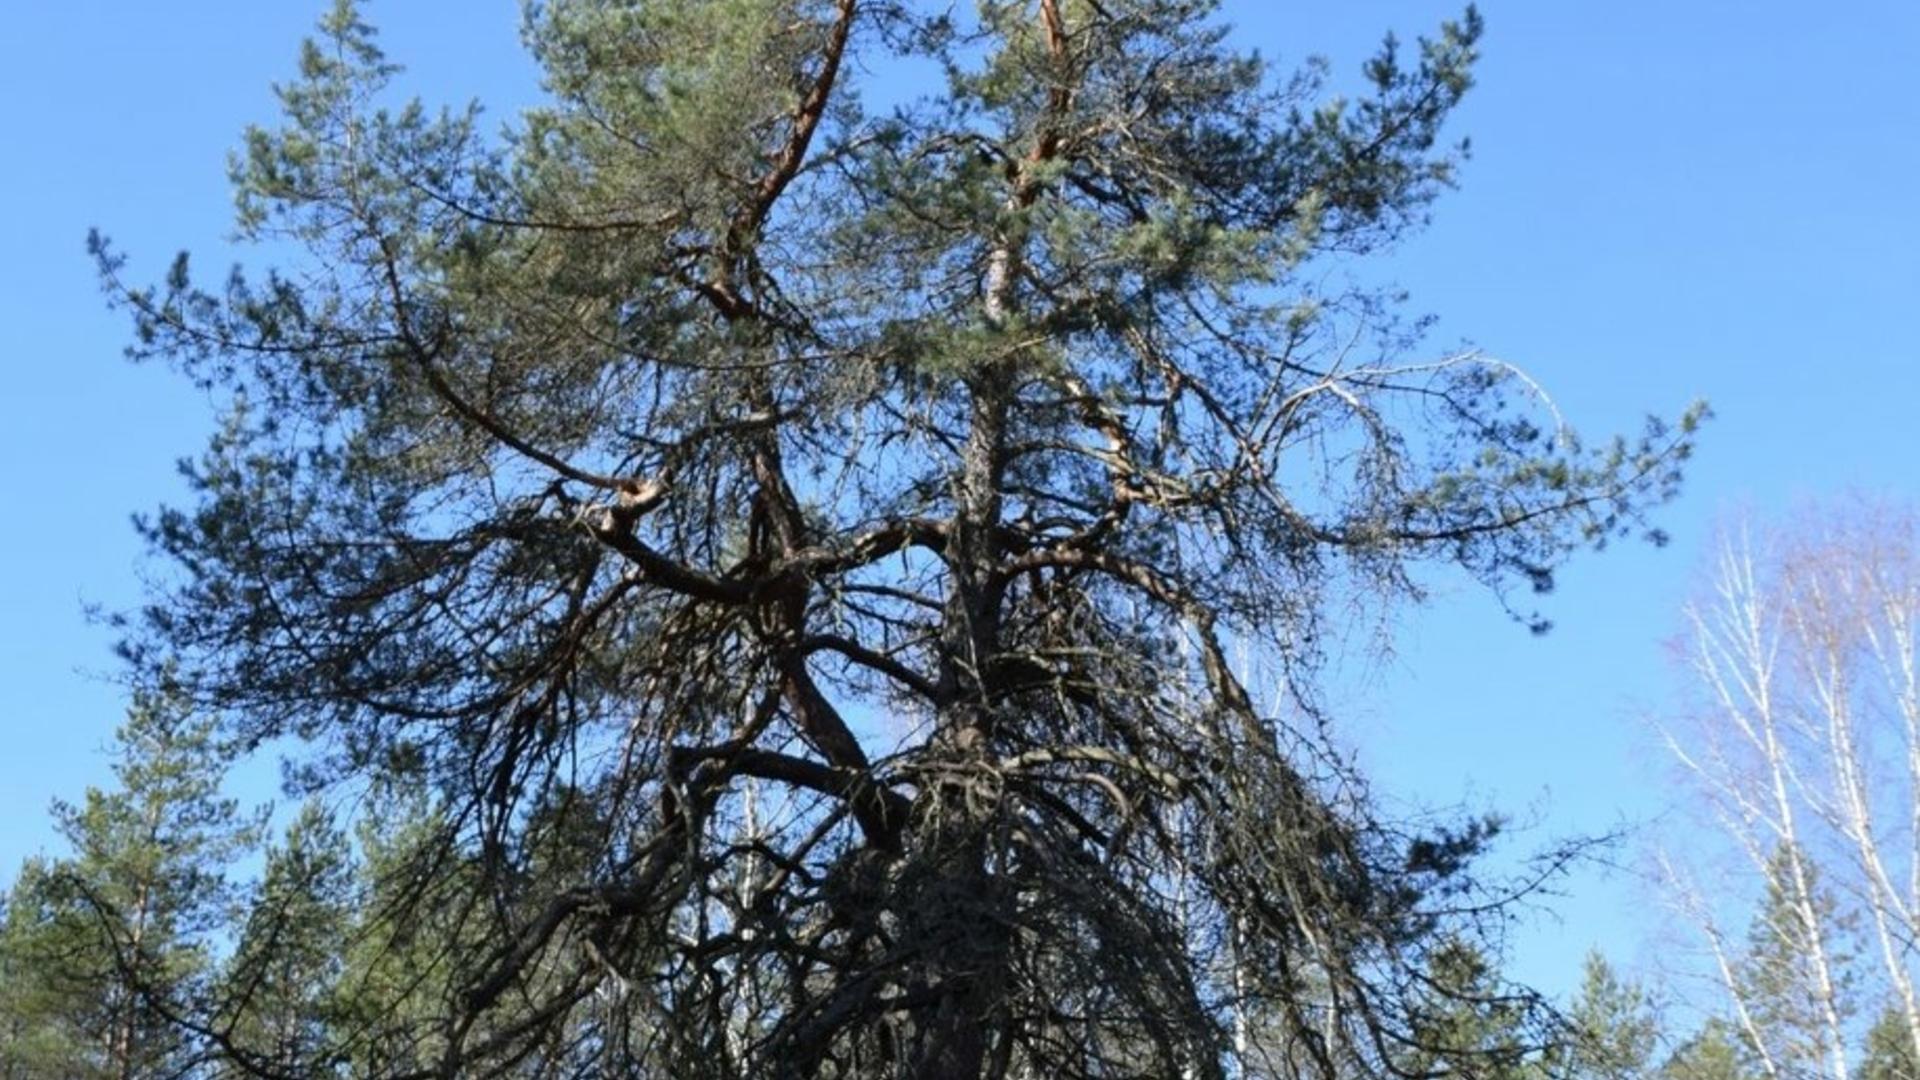 Lūšnia pine